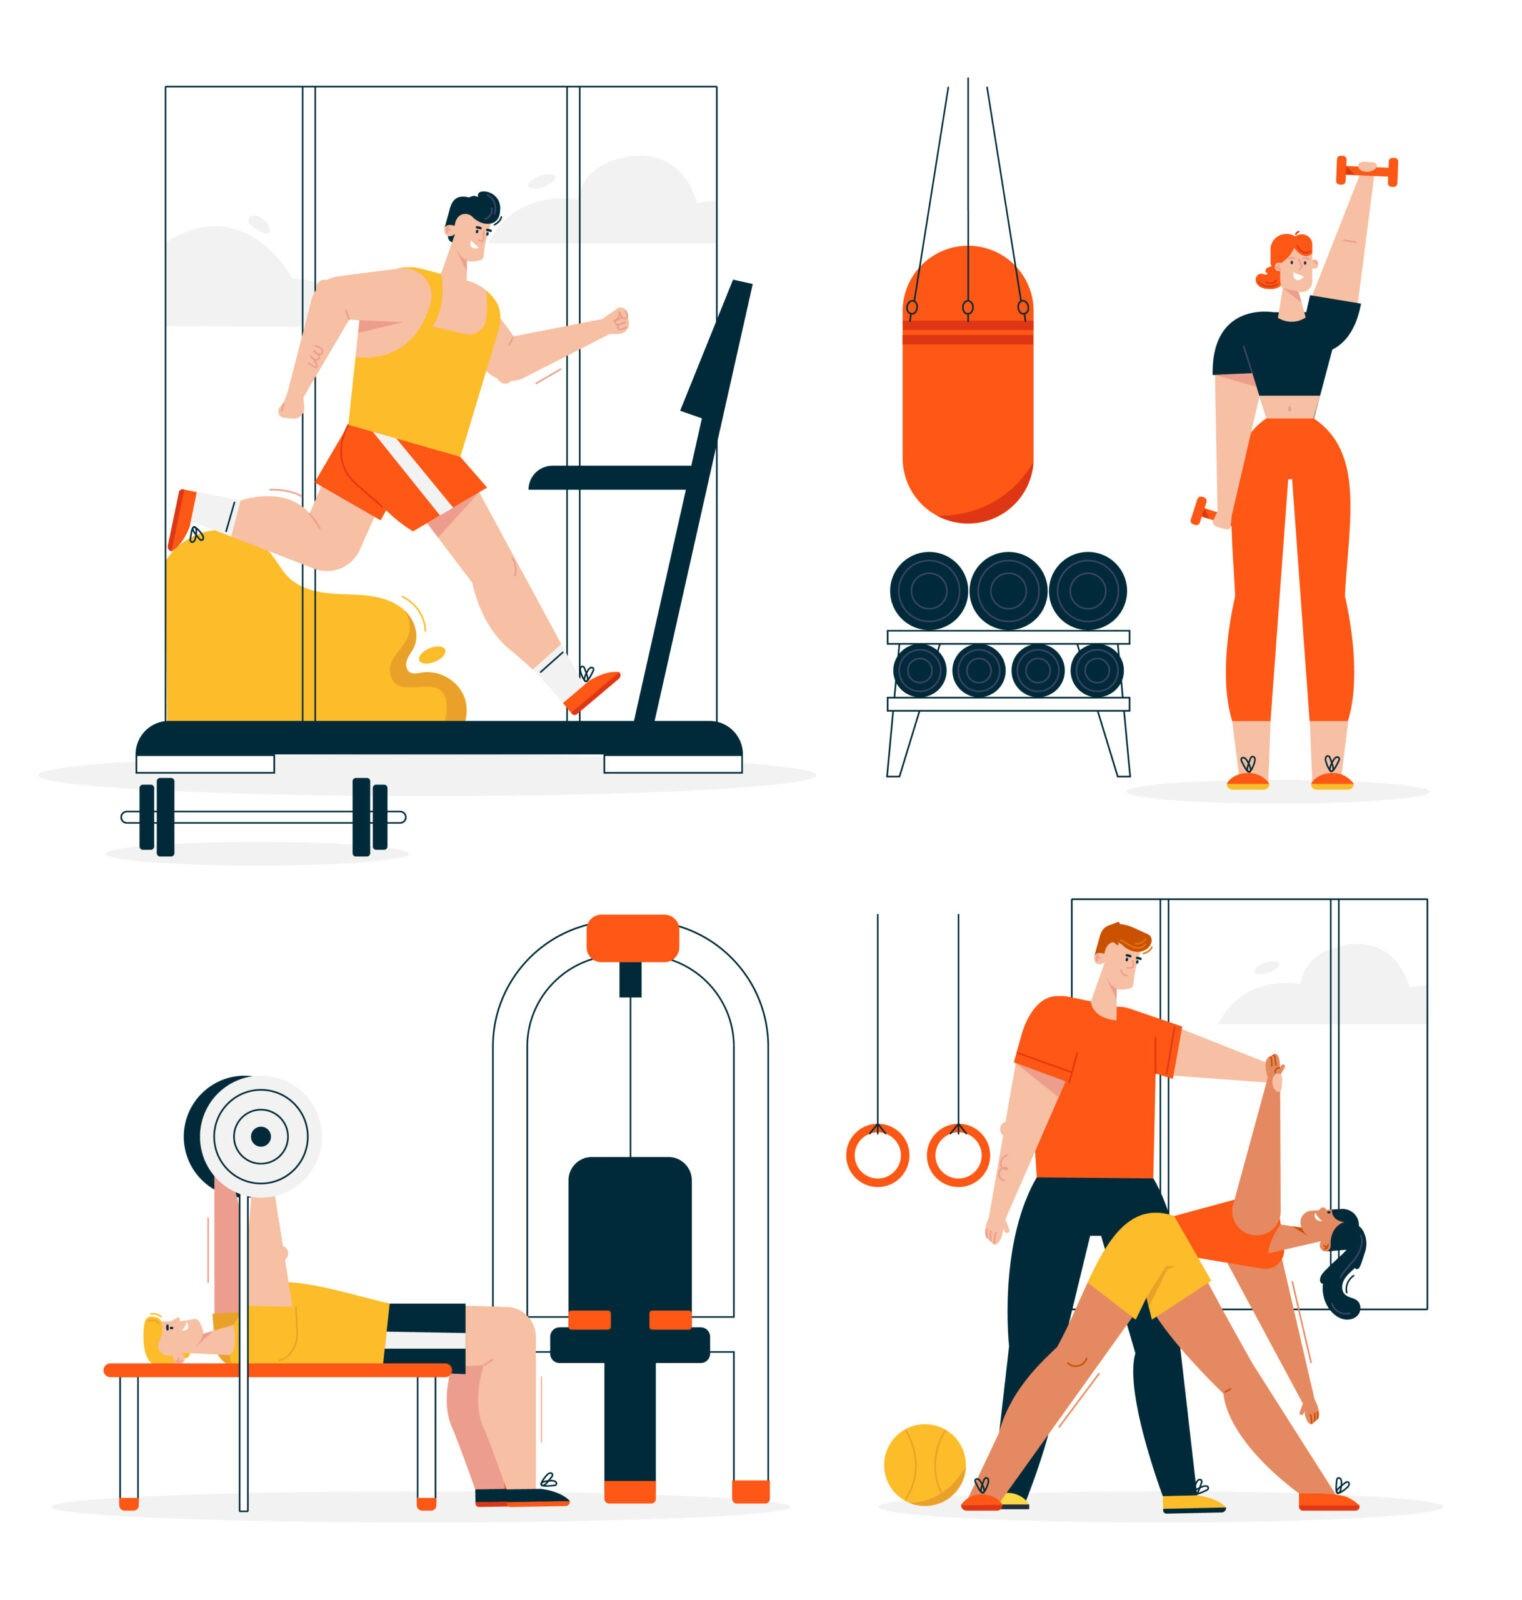 Variedad de ejercicios y regularidad